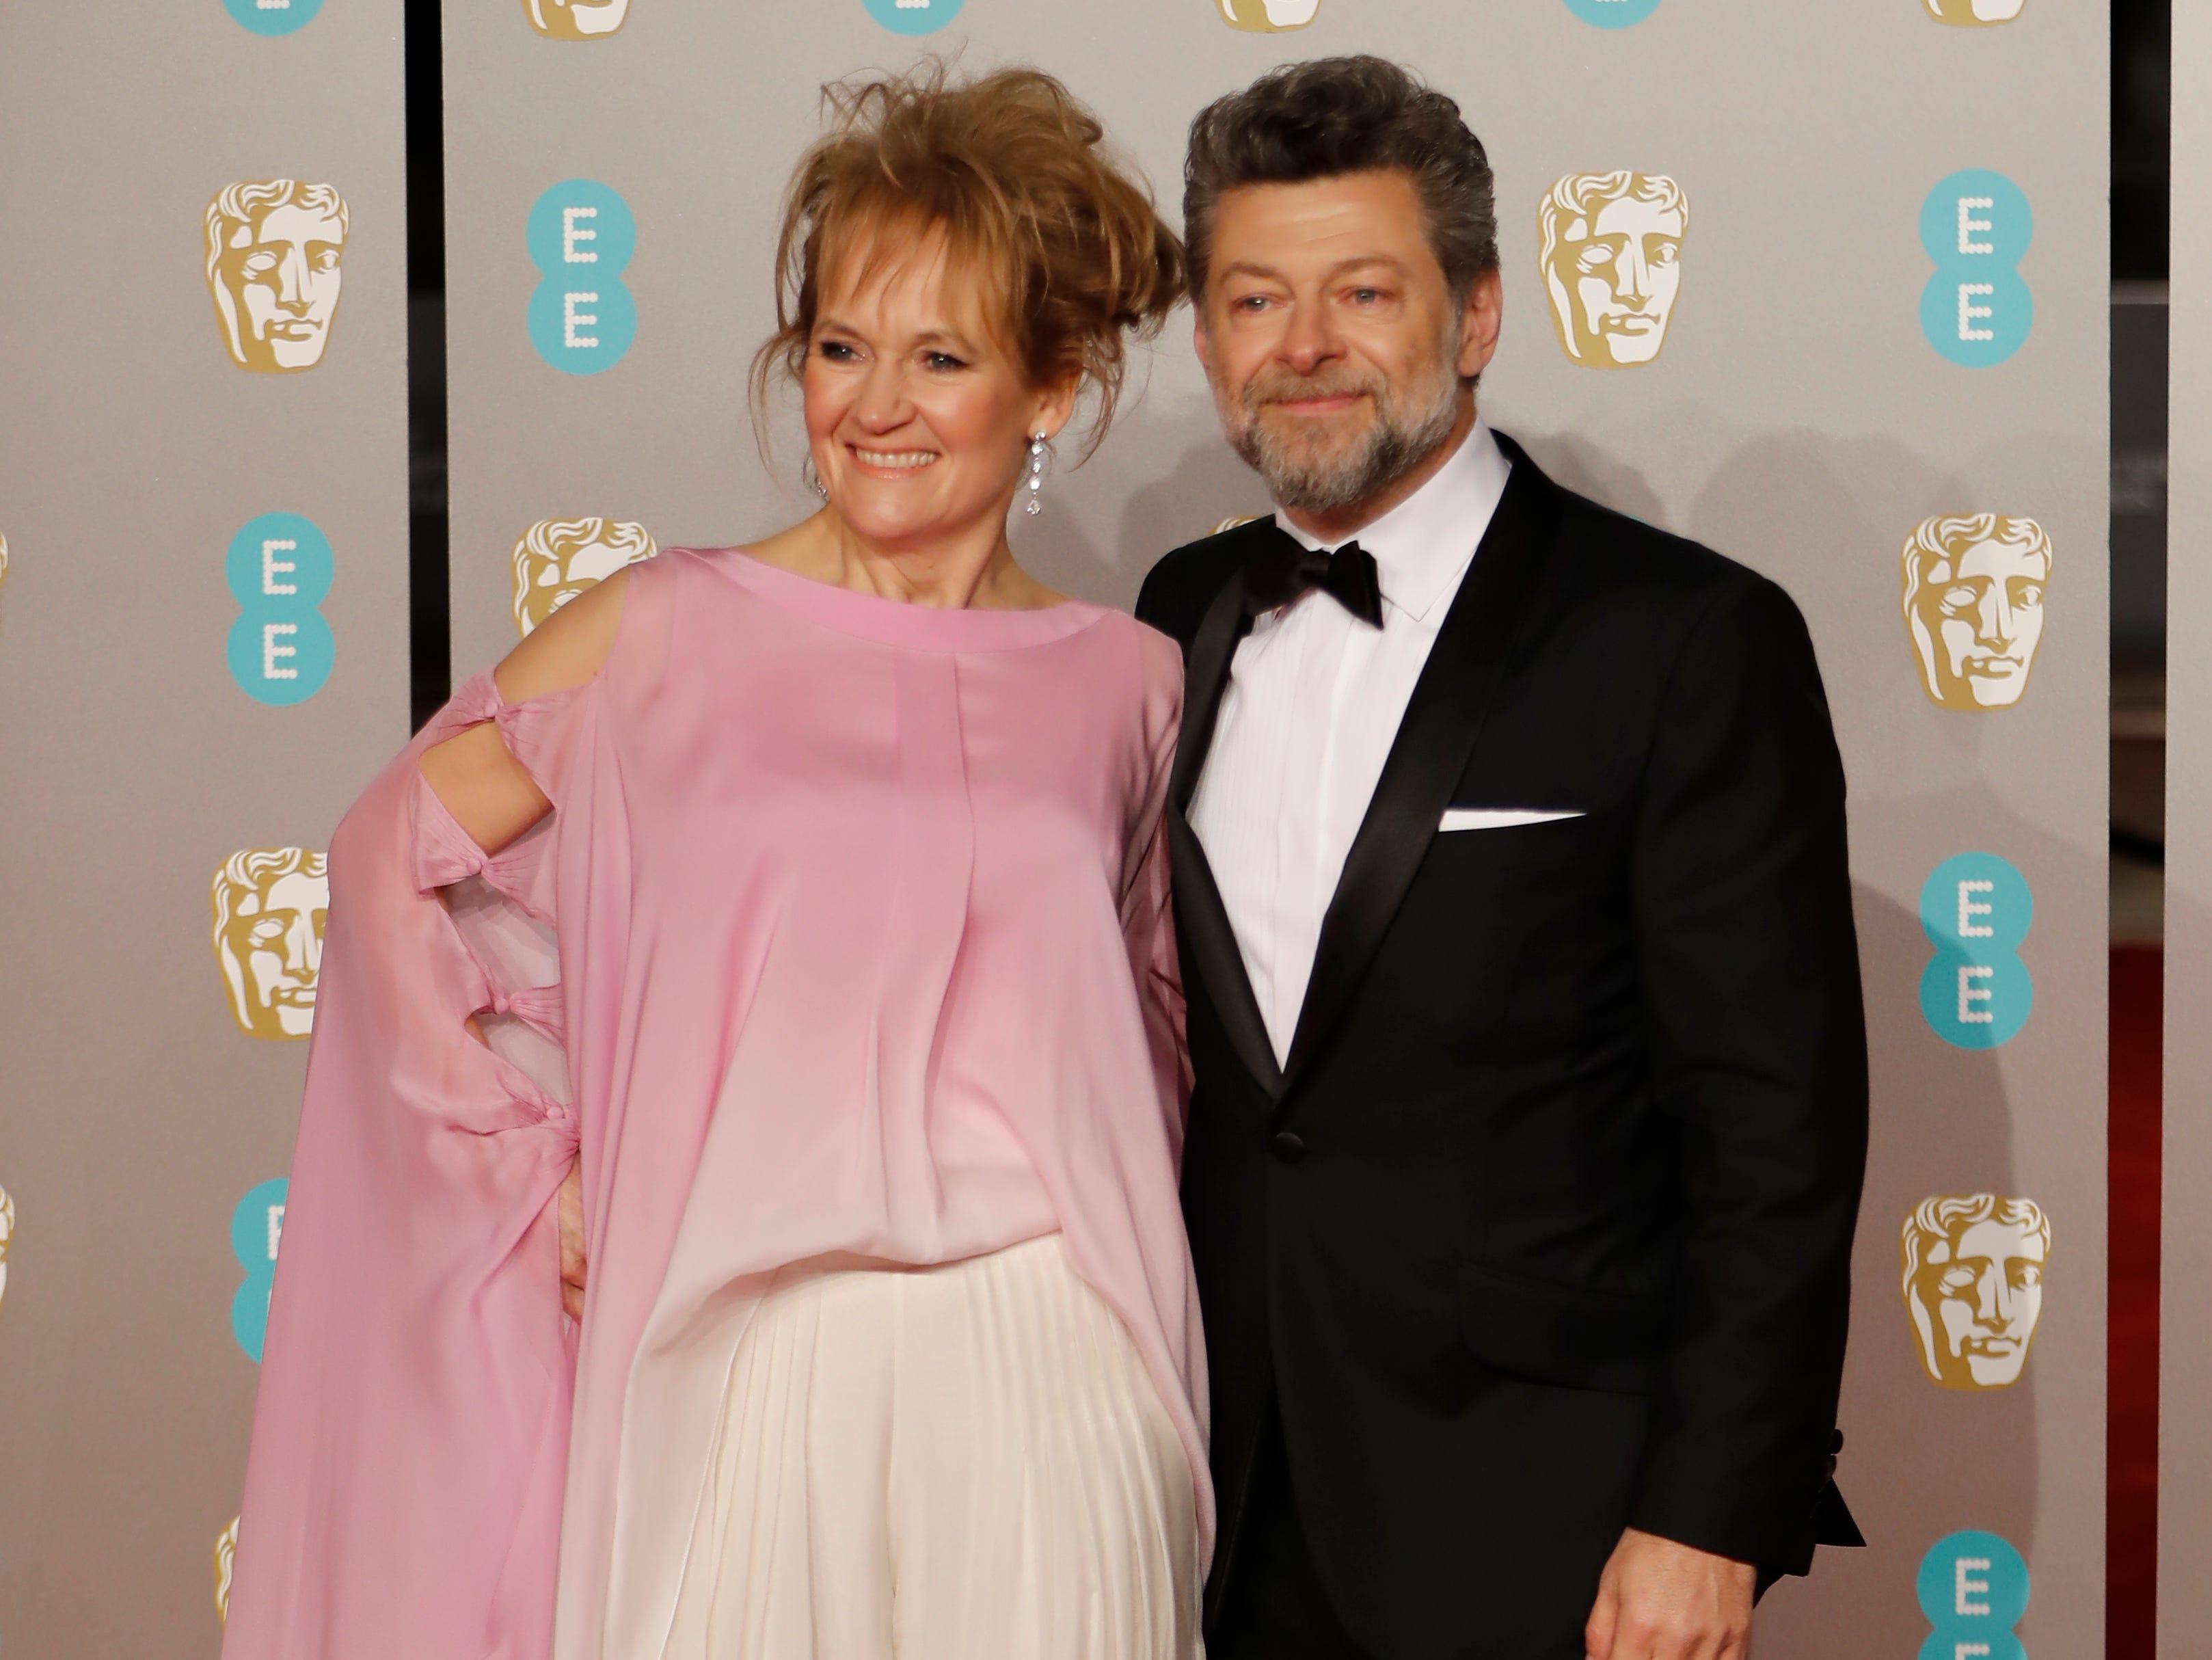 Andy Serkis y su esposa Lorraine Ashbourne a su llegada a la alfombra roja de los Premios de la Academia Británica de Cine BAFTA en el Royal Albert Hall en Londres el 10 de febrero de 2019.